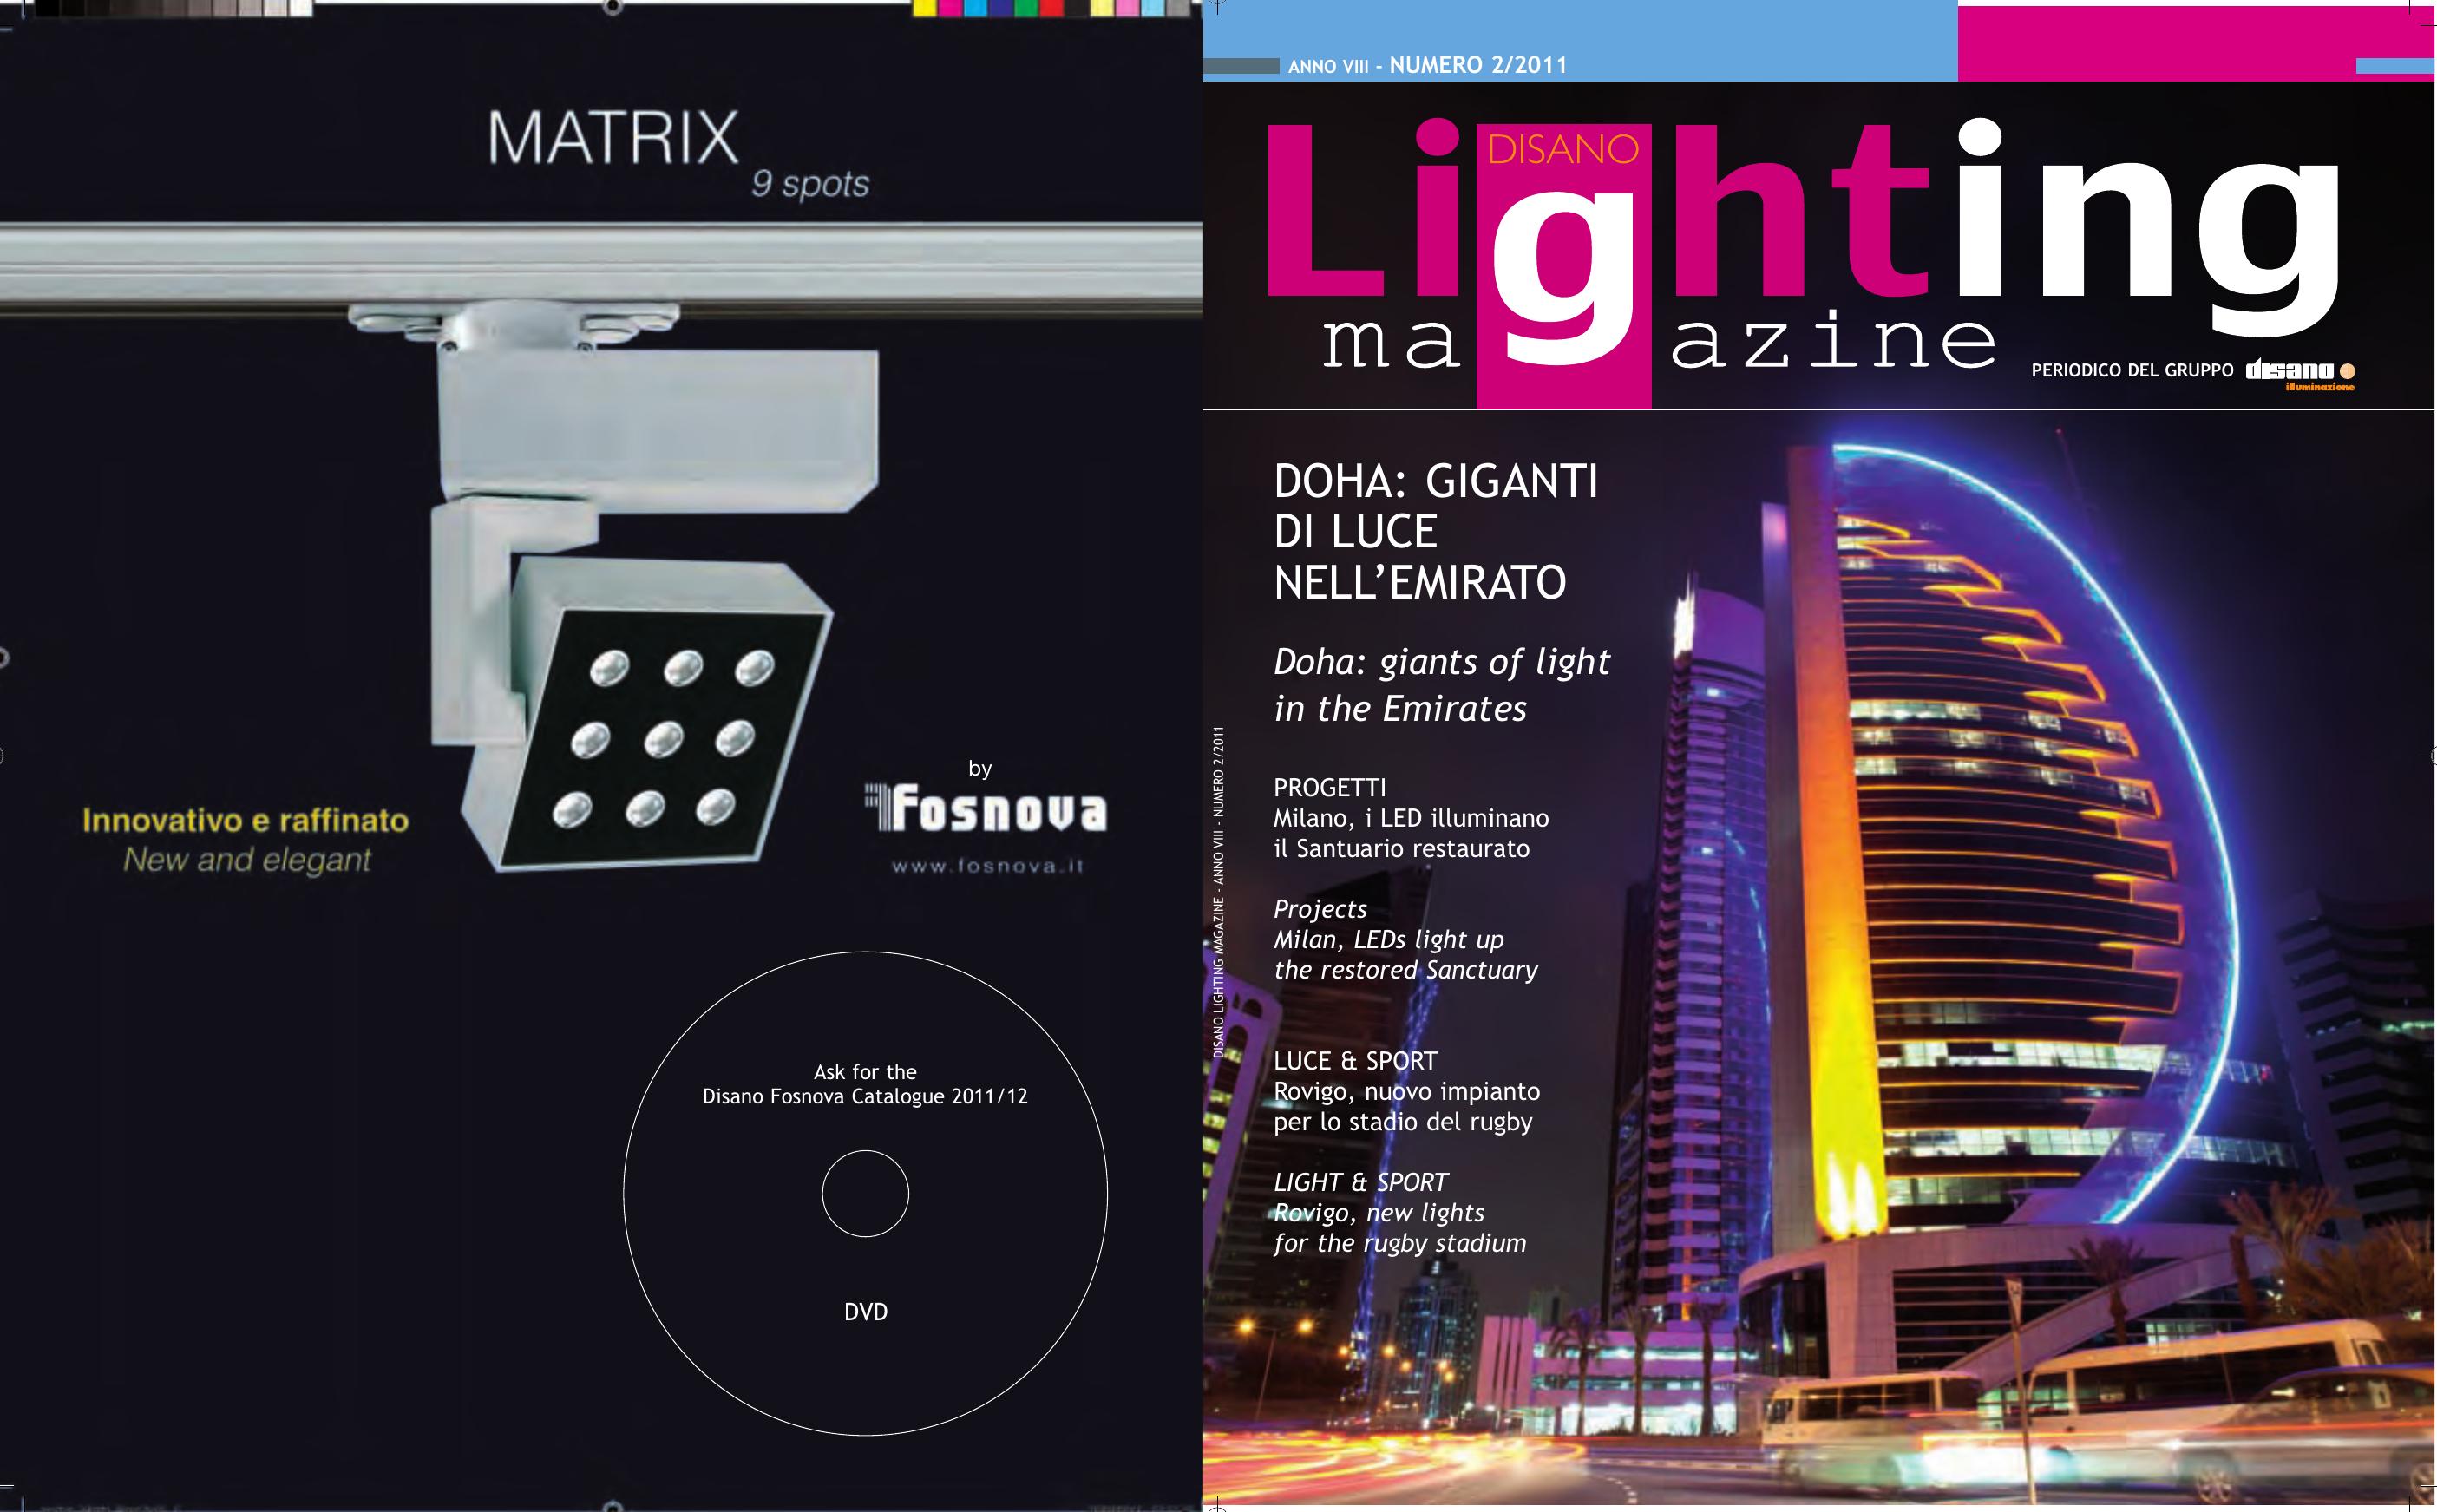 Lavorare In Qatar Architetto doha: giganti di luce nell`emirato | manualzz